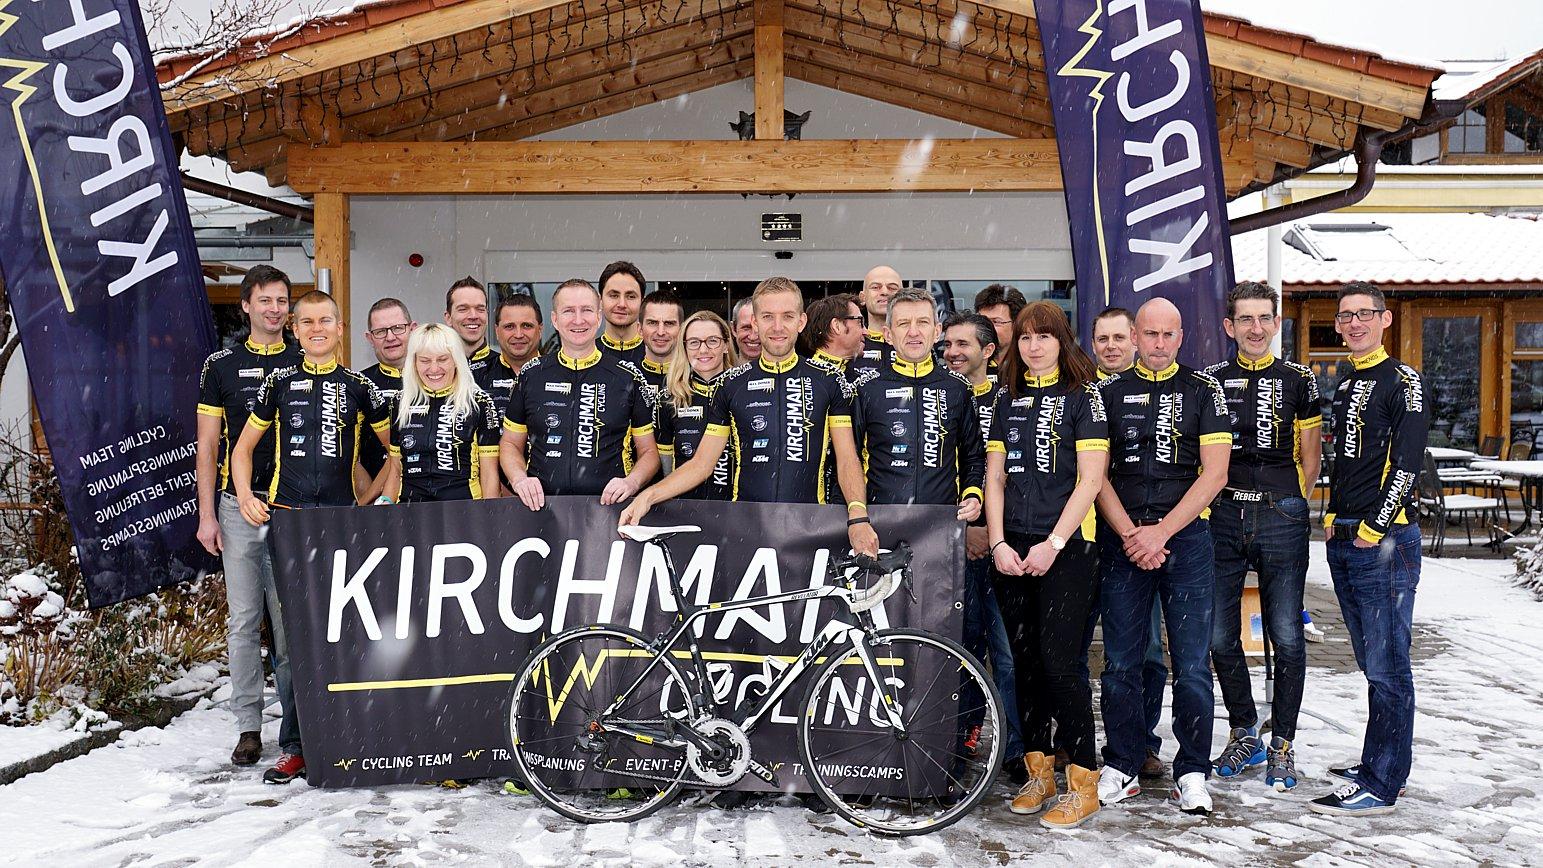 Kirchmair Cycling Jedermann Team beim Saisonstart in Füssen im Hotel Sommmer